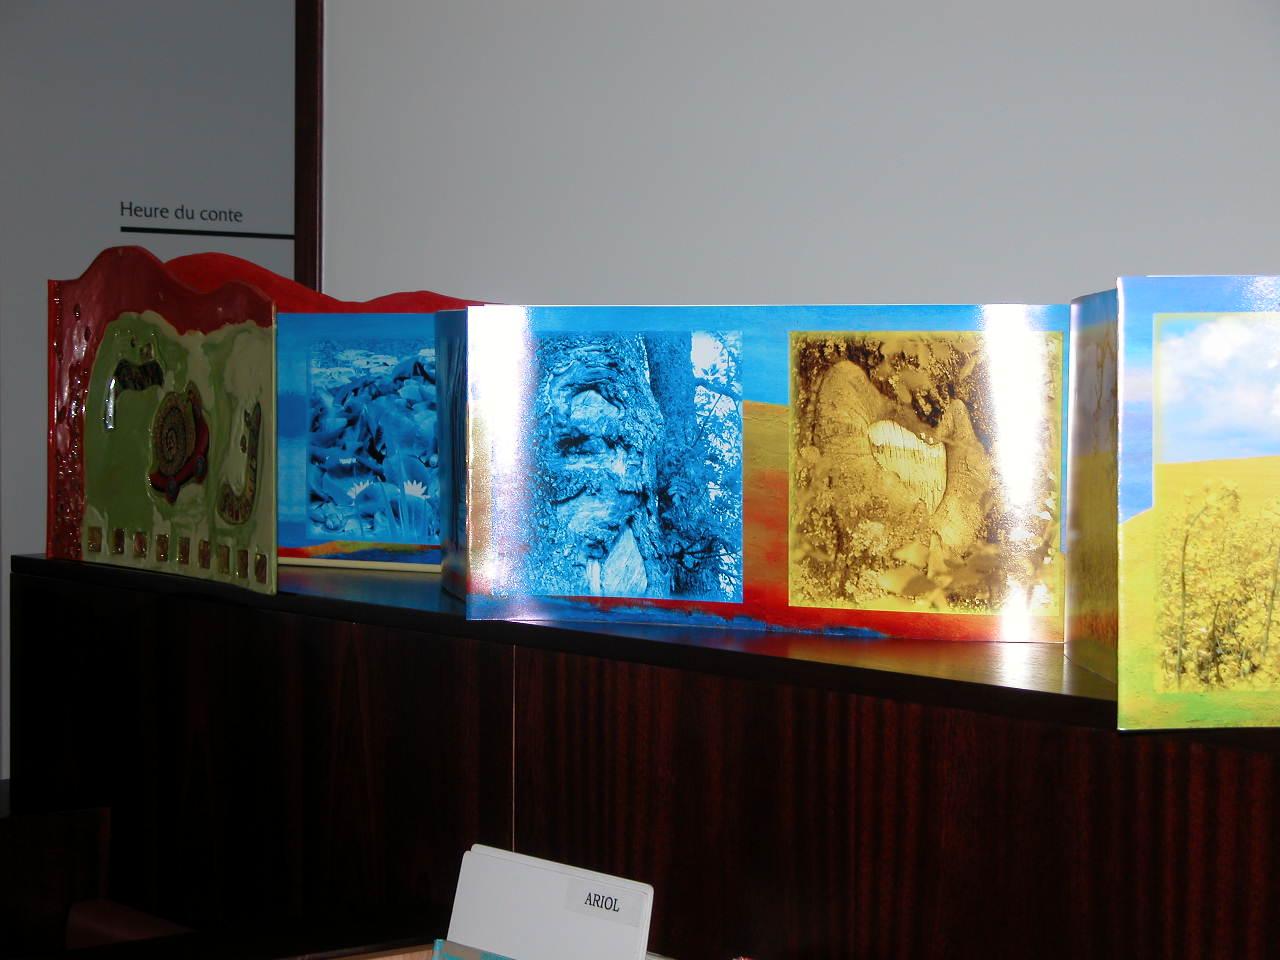 Livre Géant de 13 mètres 5 ( installation in Situ médiathèque )